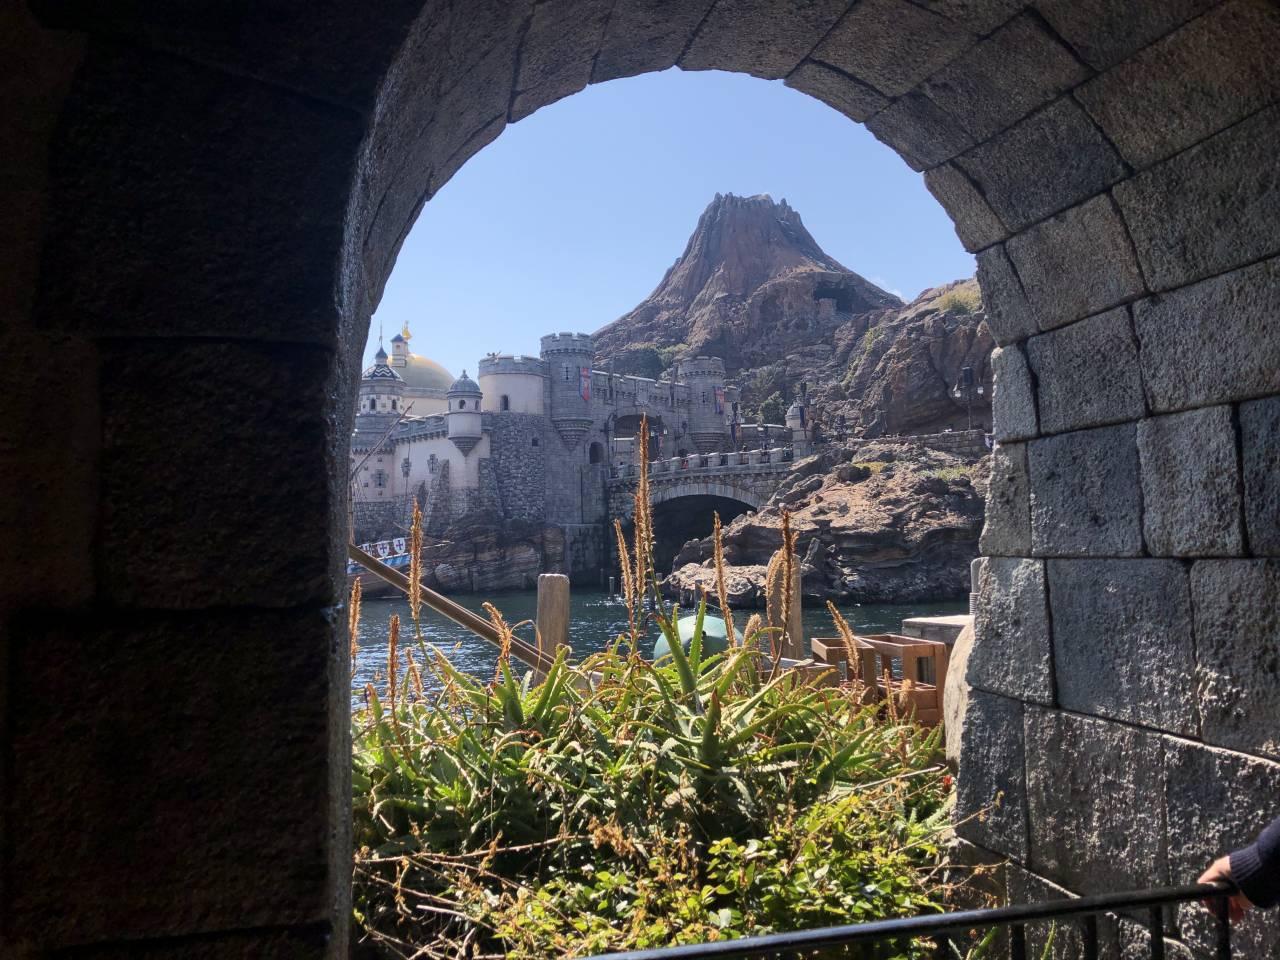 窓から見えるプロメテウス火山